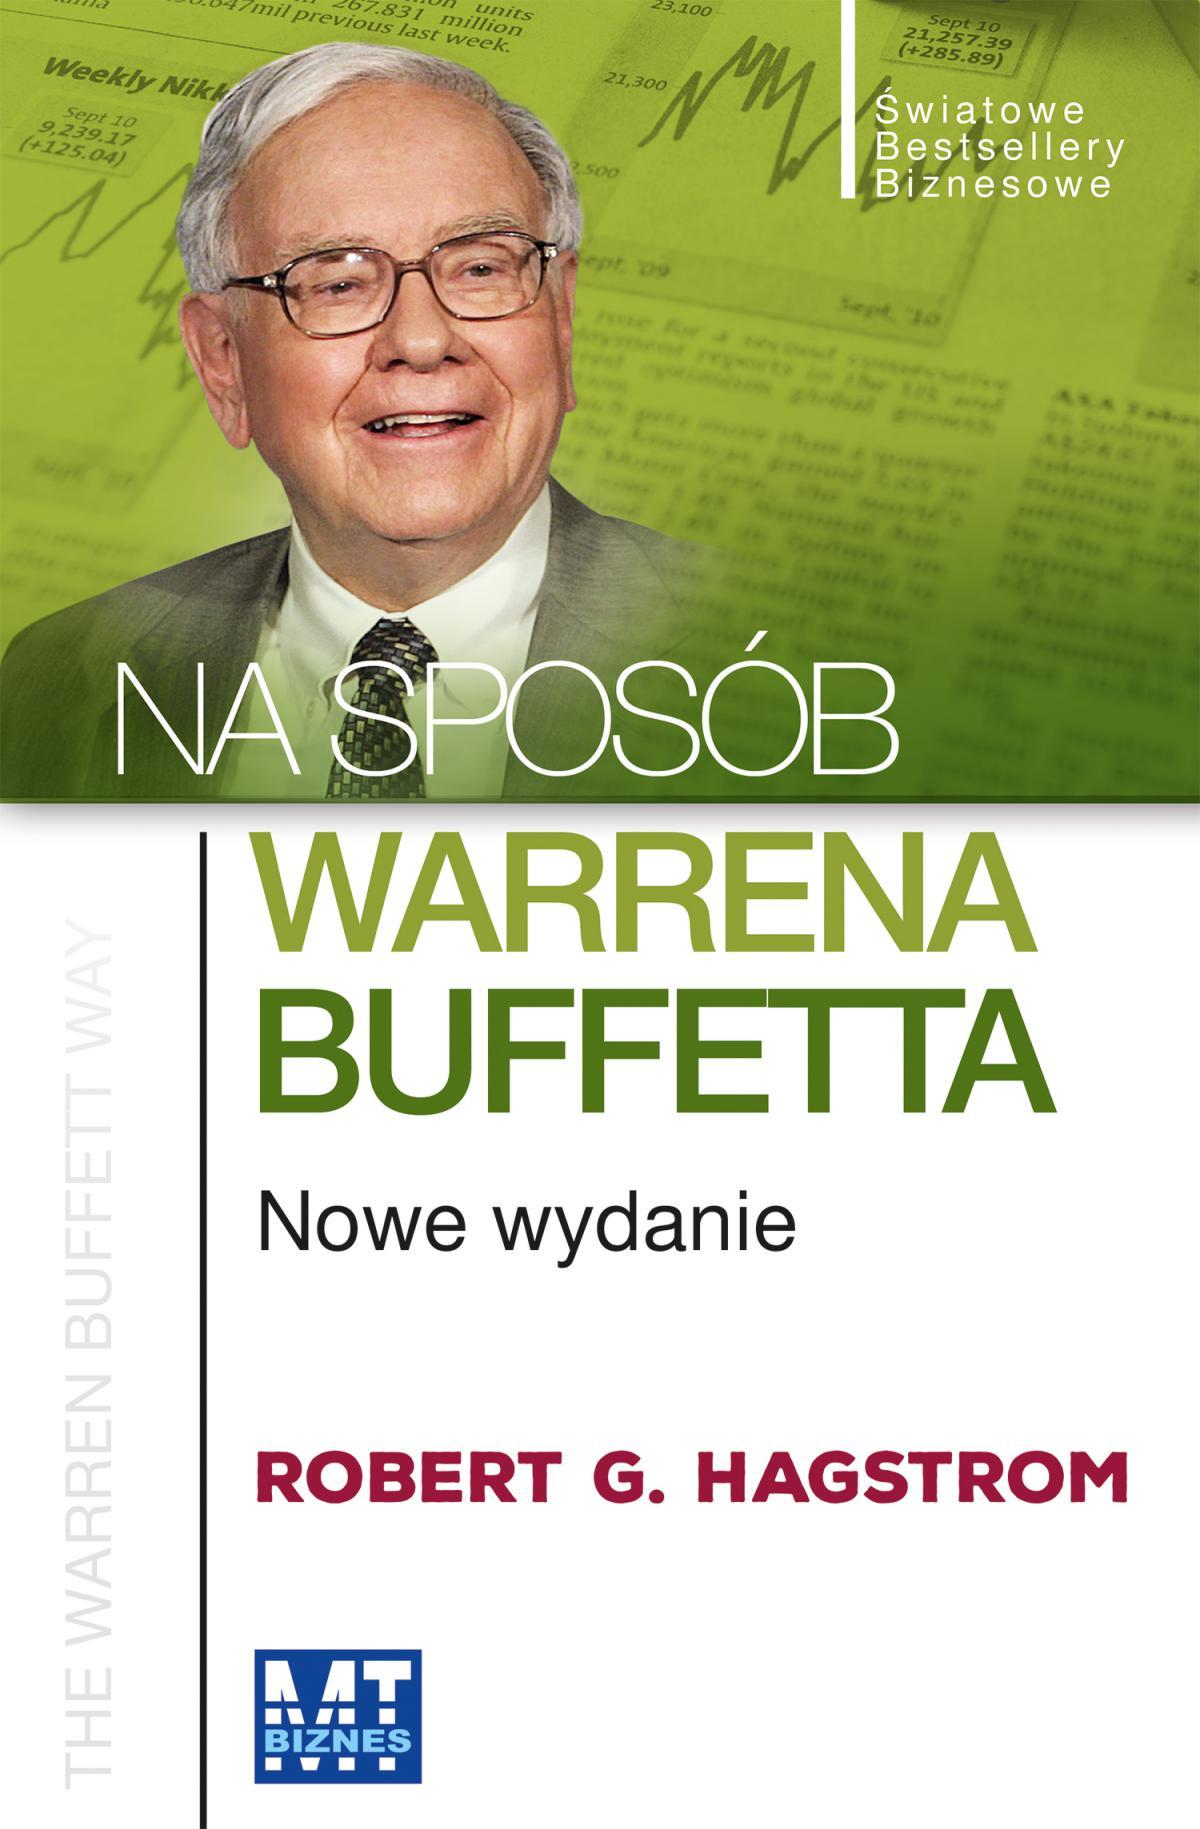 Na sposób Warrena Buffeta - Ebook (Książka EPUB) do pobrania w formacie EPUB